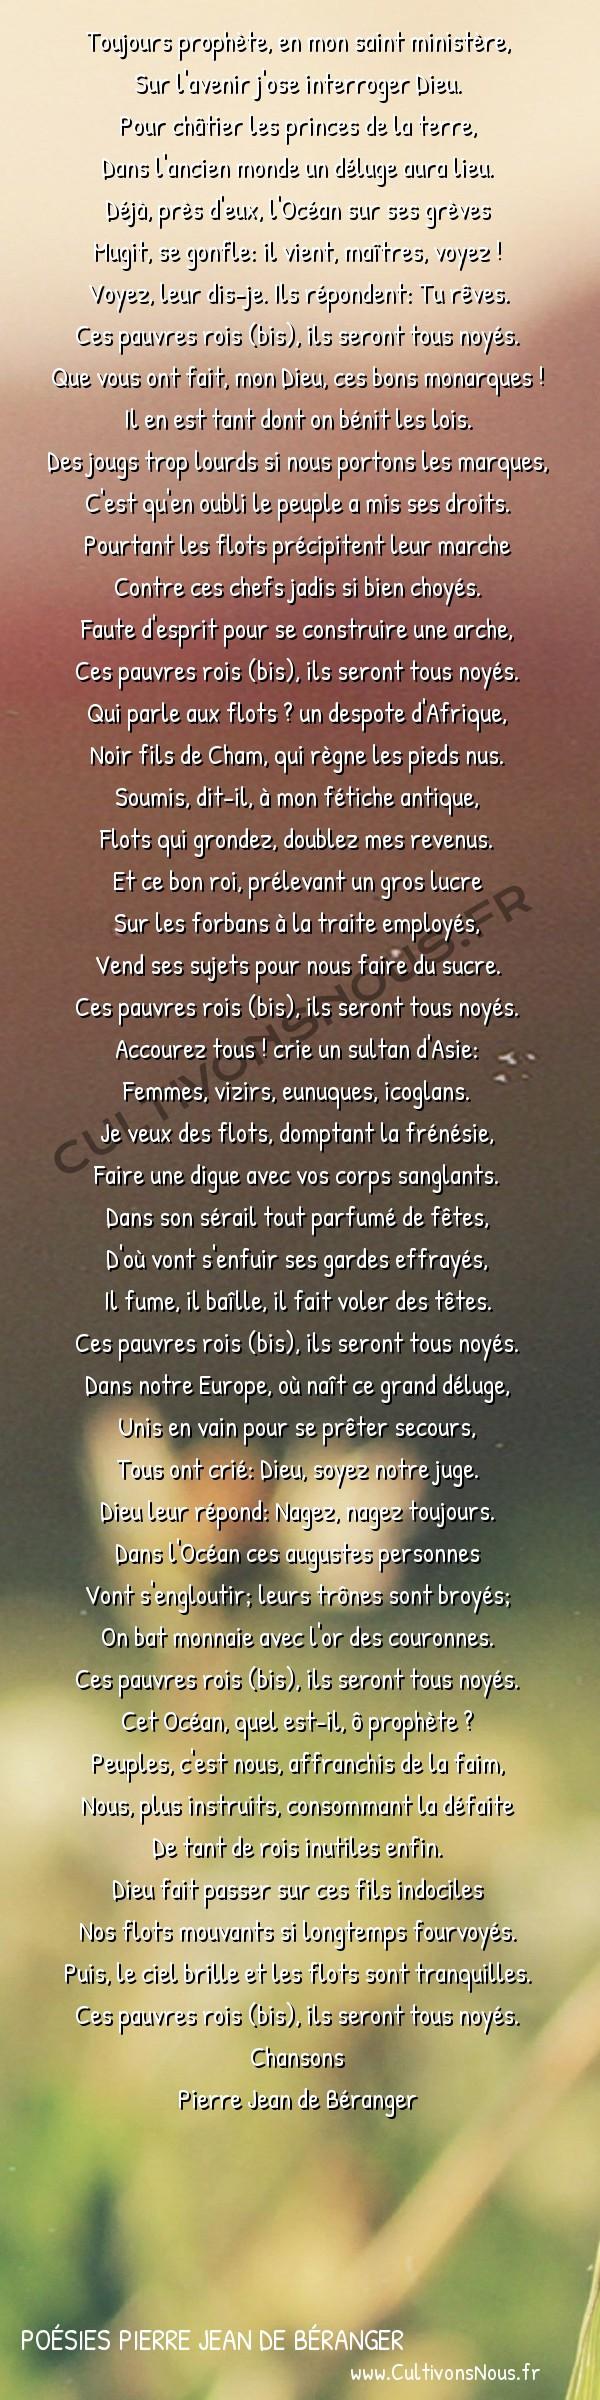 Poésies Pierre Jean de Béranger - Chansons - Air des Trois couleurs -  Toujours prophète, en mon saint ministère, Sur l'avenir j'ose interroger Dieu.